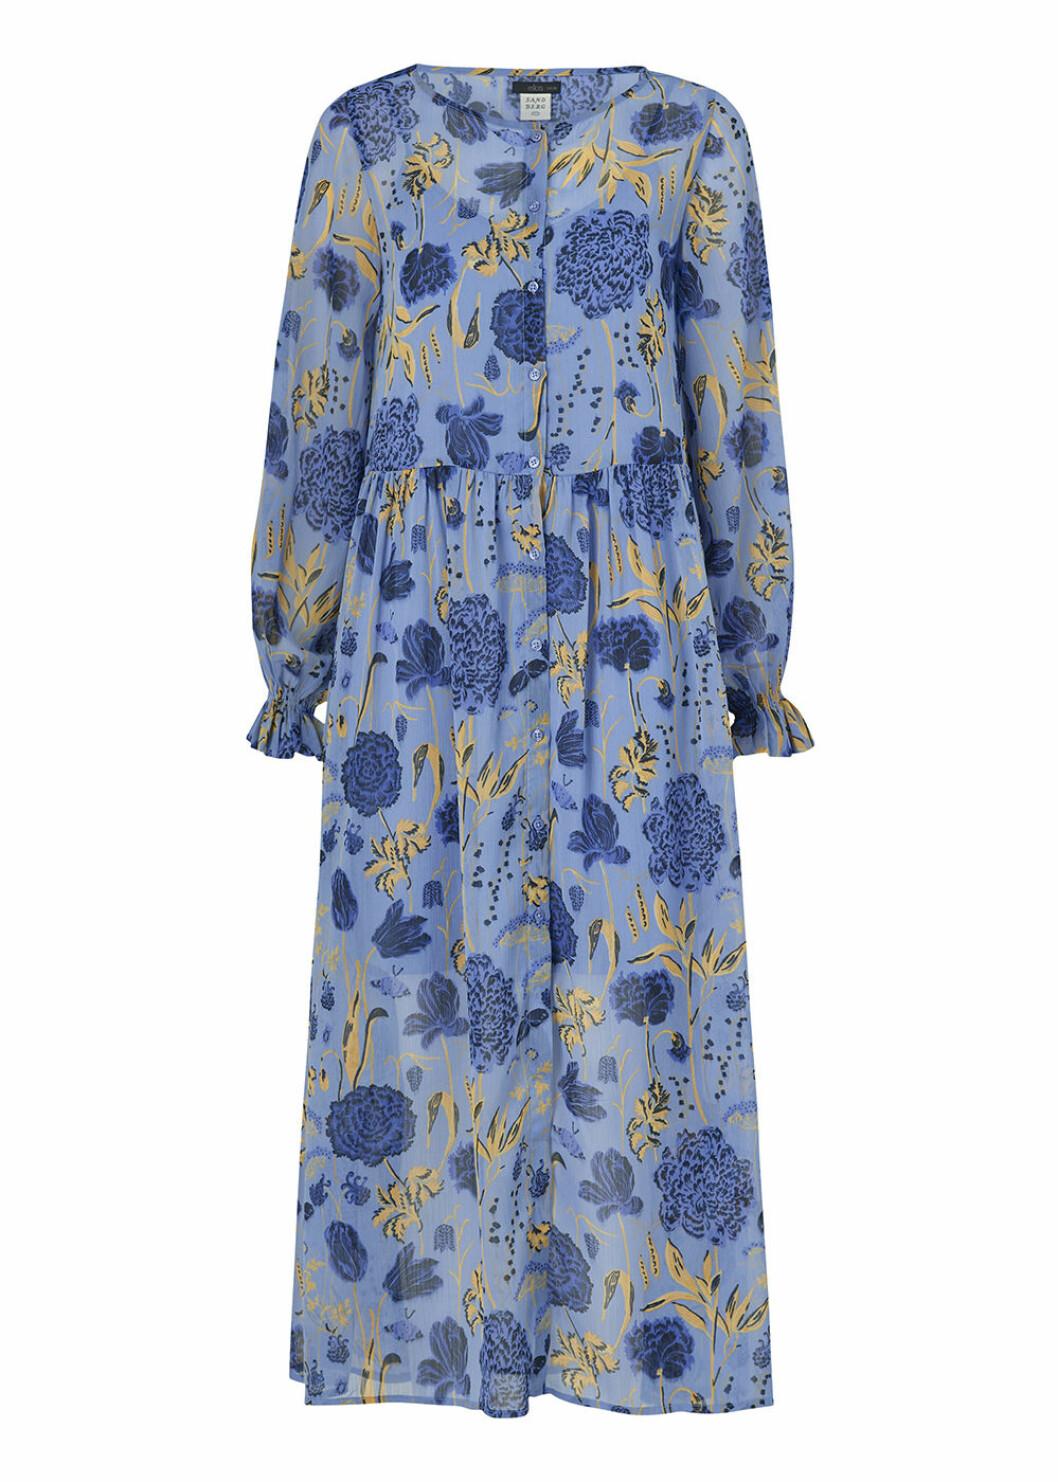 Blåblommig Aurelie-klänning från Ellos x Sandberg Wallpaper